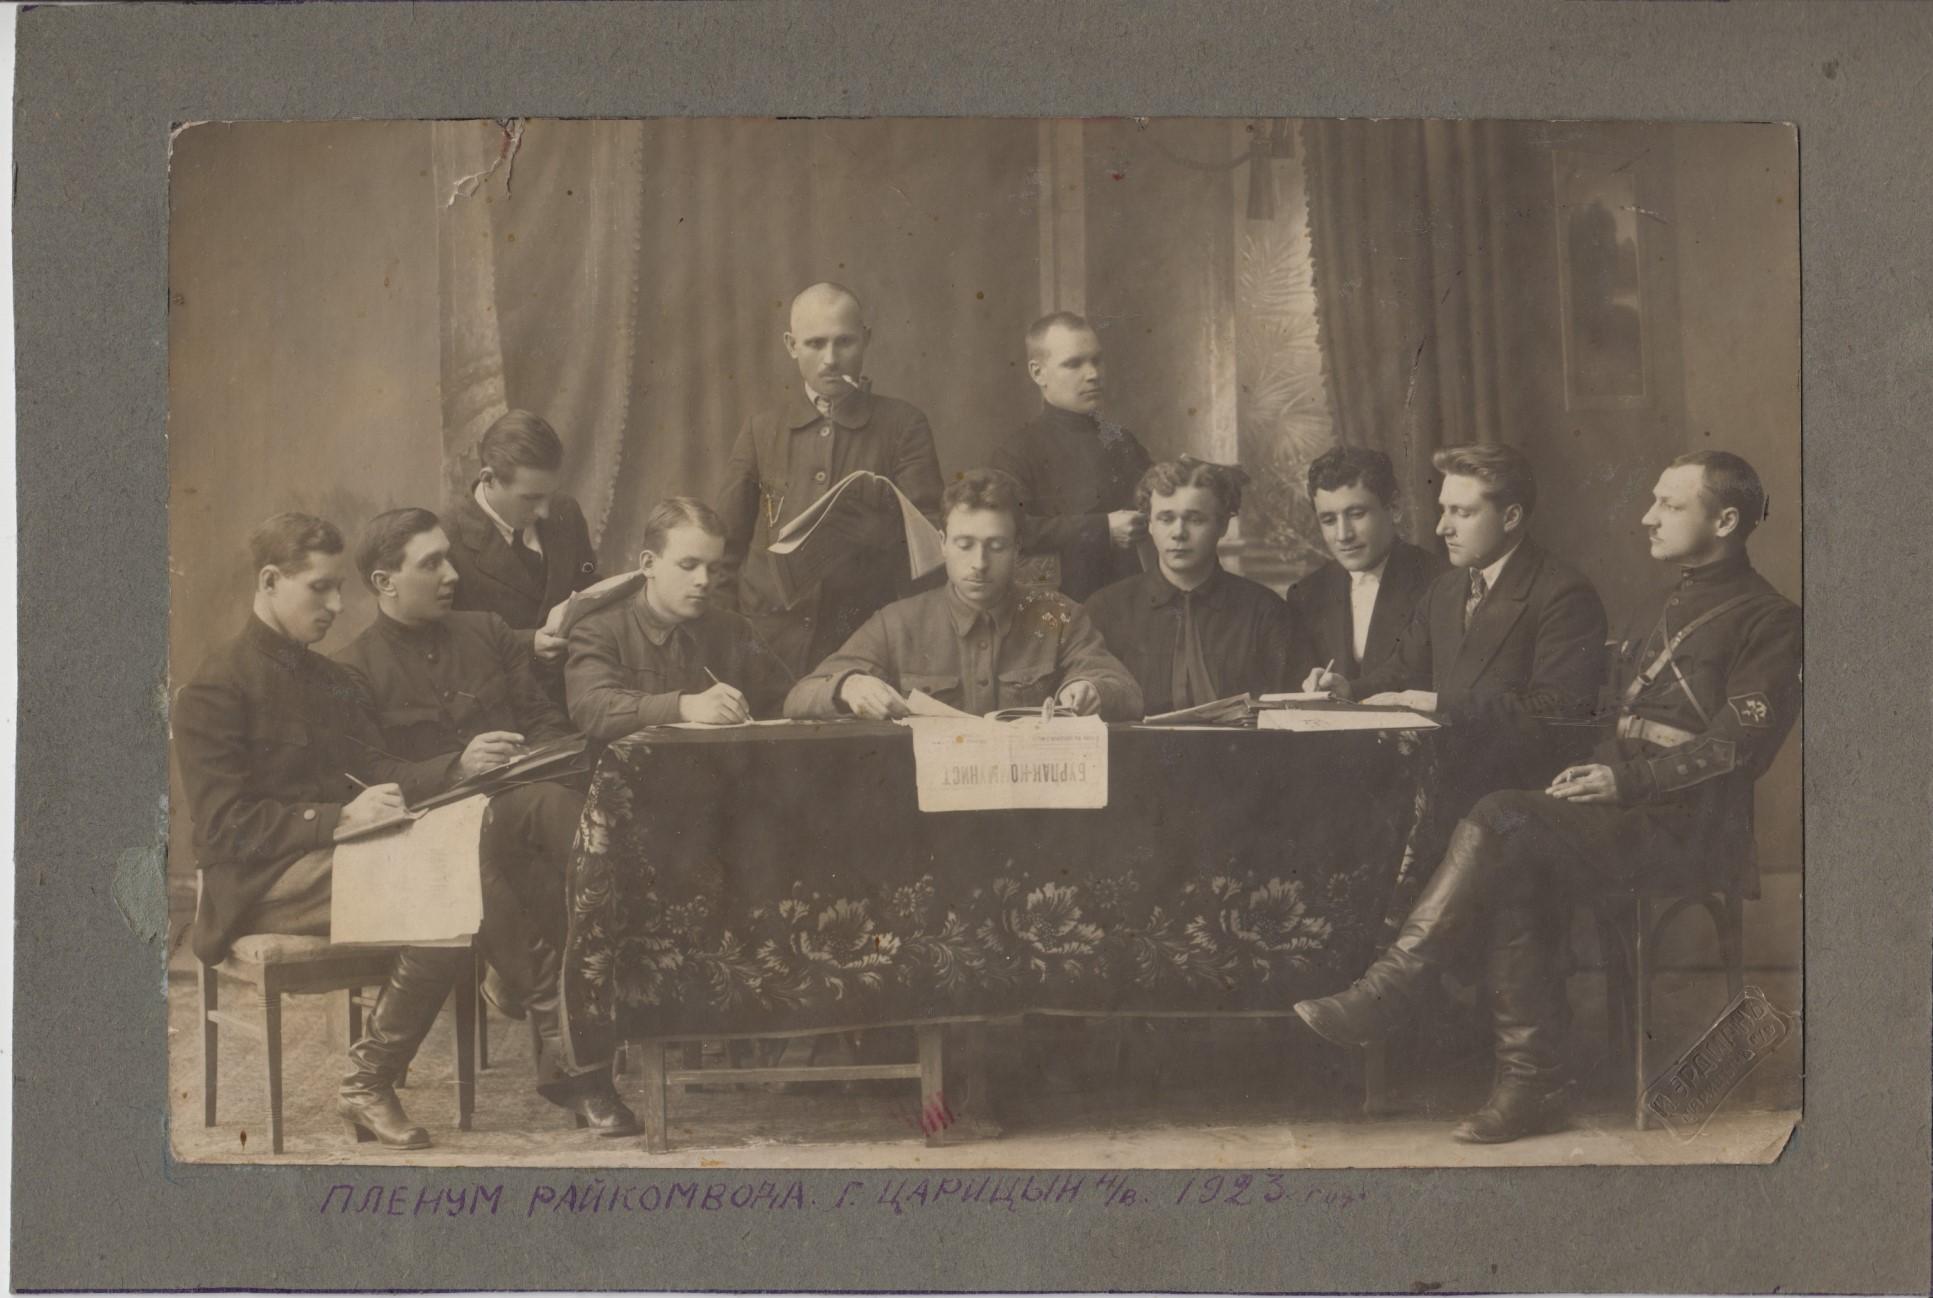 1923. Районный комитет профсоюза работников водного транспорта. Царицын